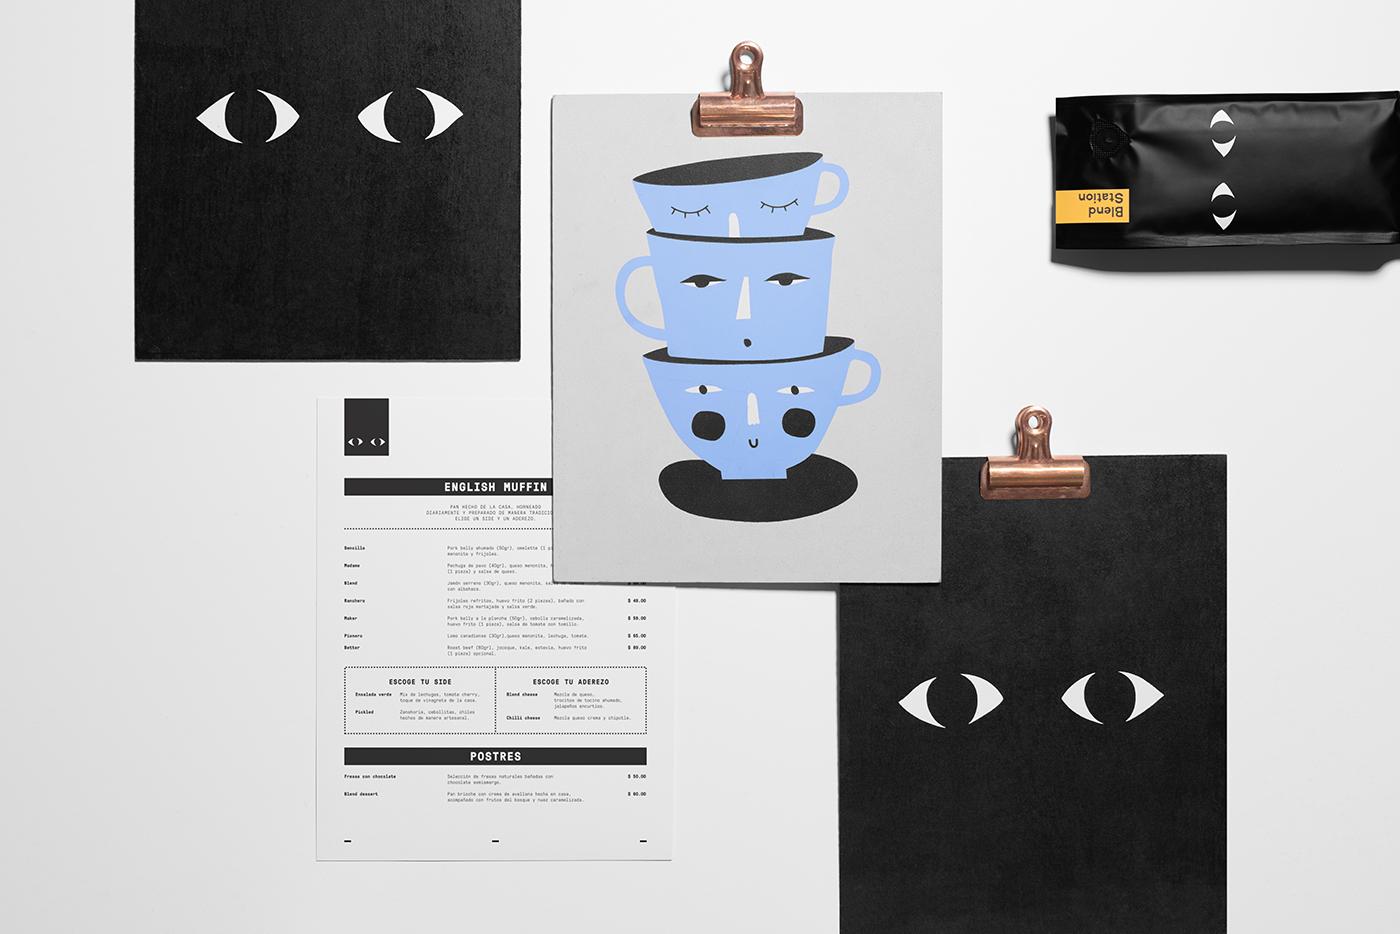 Blend Station 咖啡店品牌设计欣赏,所属类别:VIS设计、餐饮、咖啡店 - 任刚 · Ren Gang 世界设计 · 设计世界